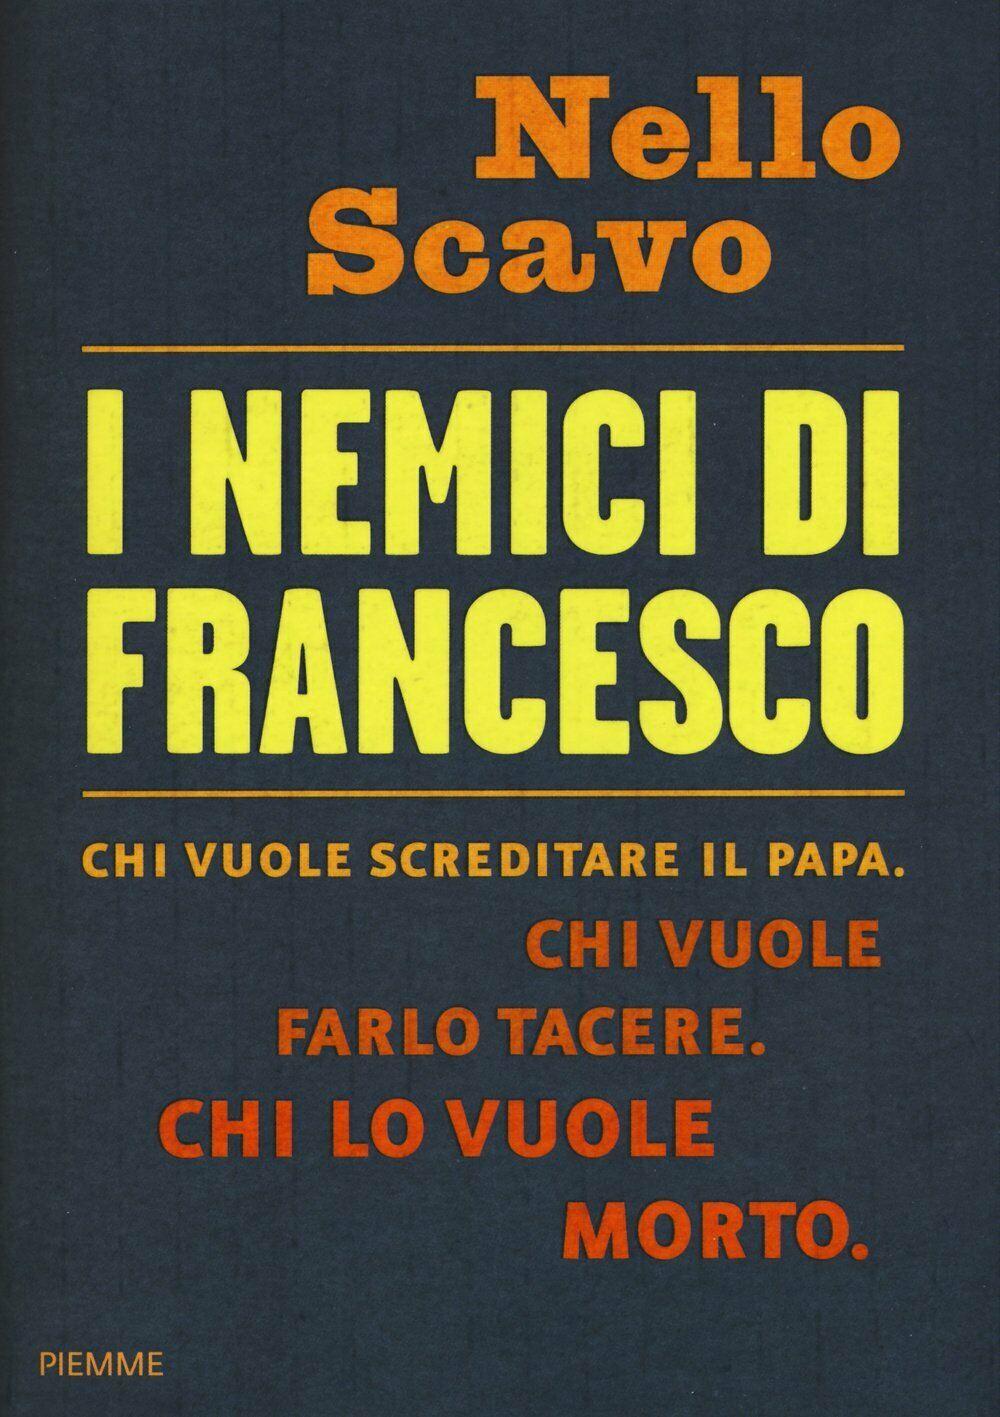 """""""I nemici di Francesco"""" di Nello Scavo al mercatino: dietro le quinte del Vaticano"""